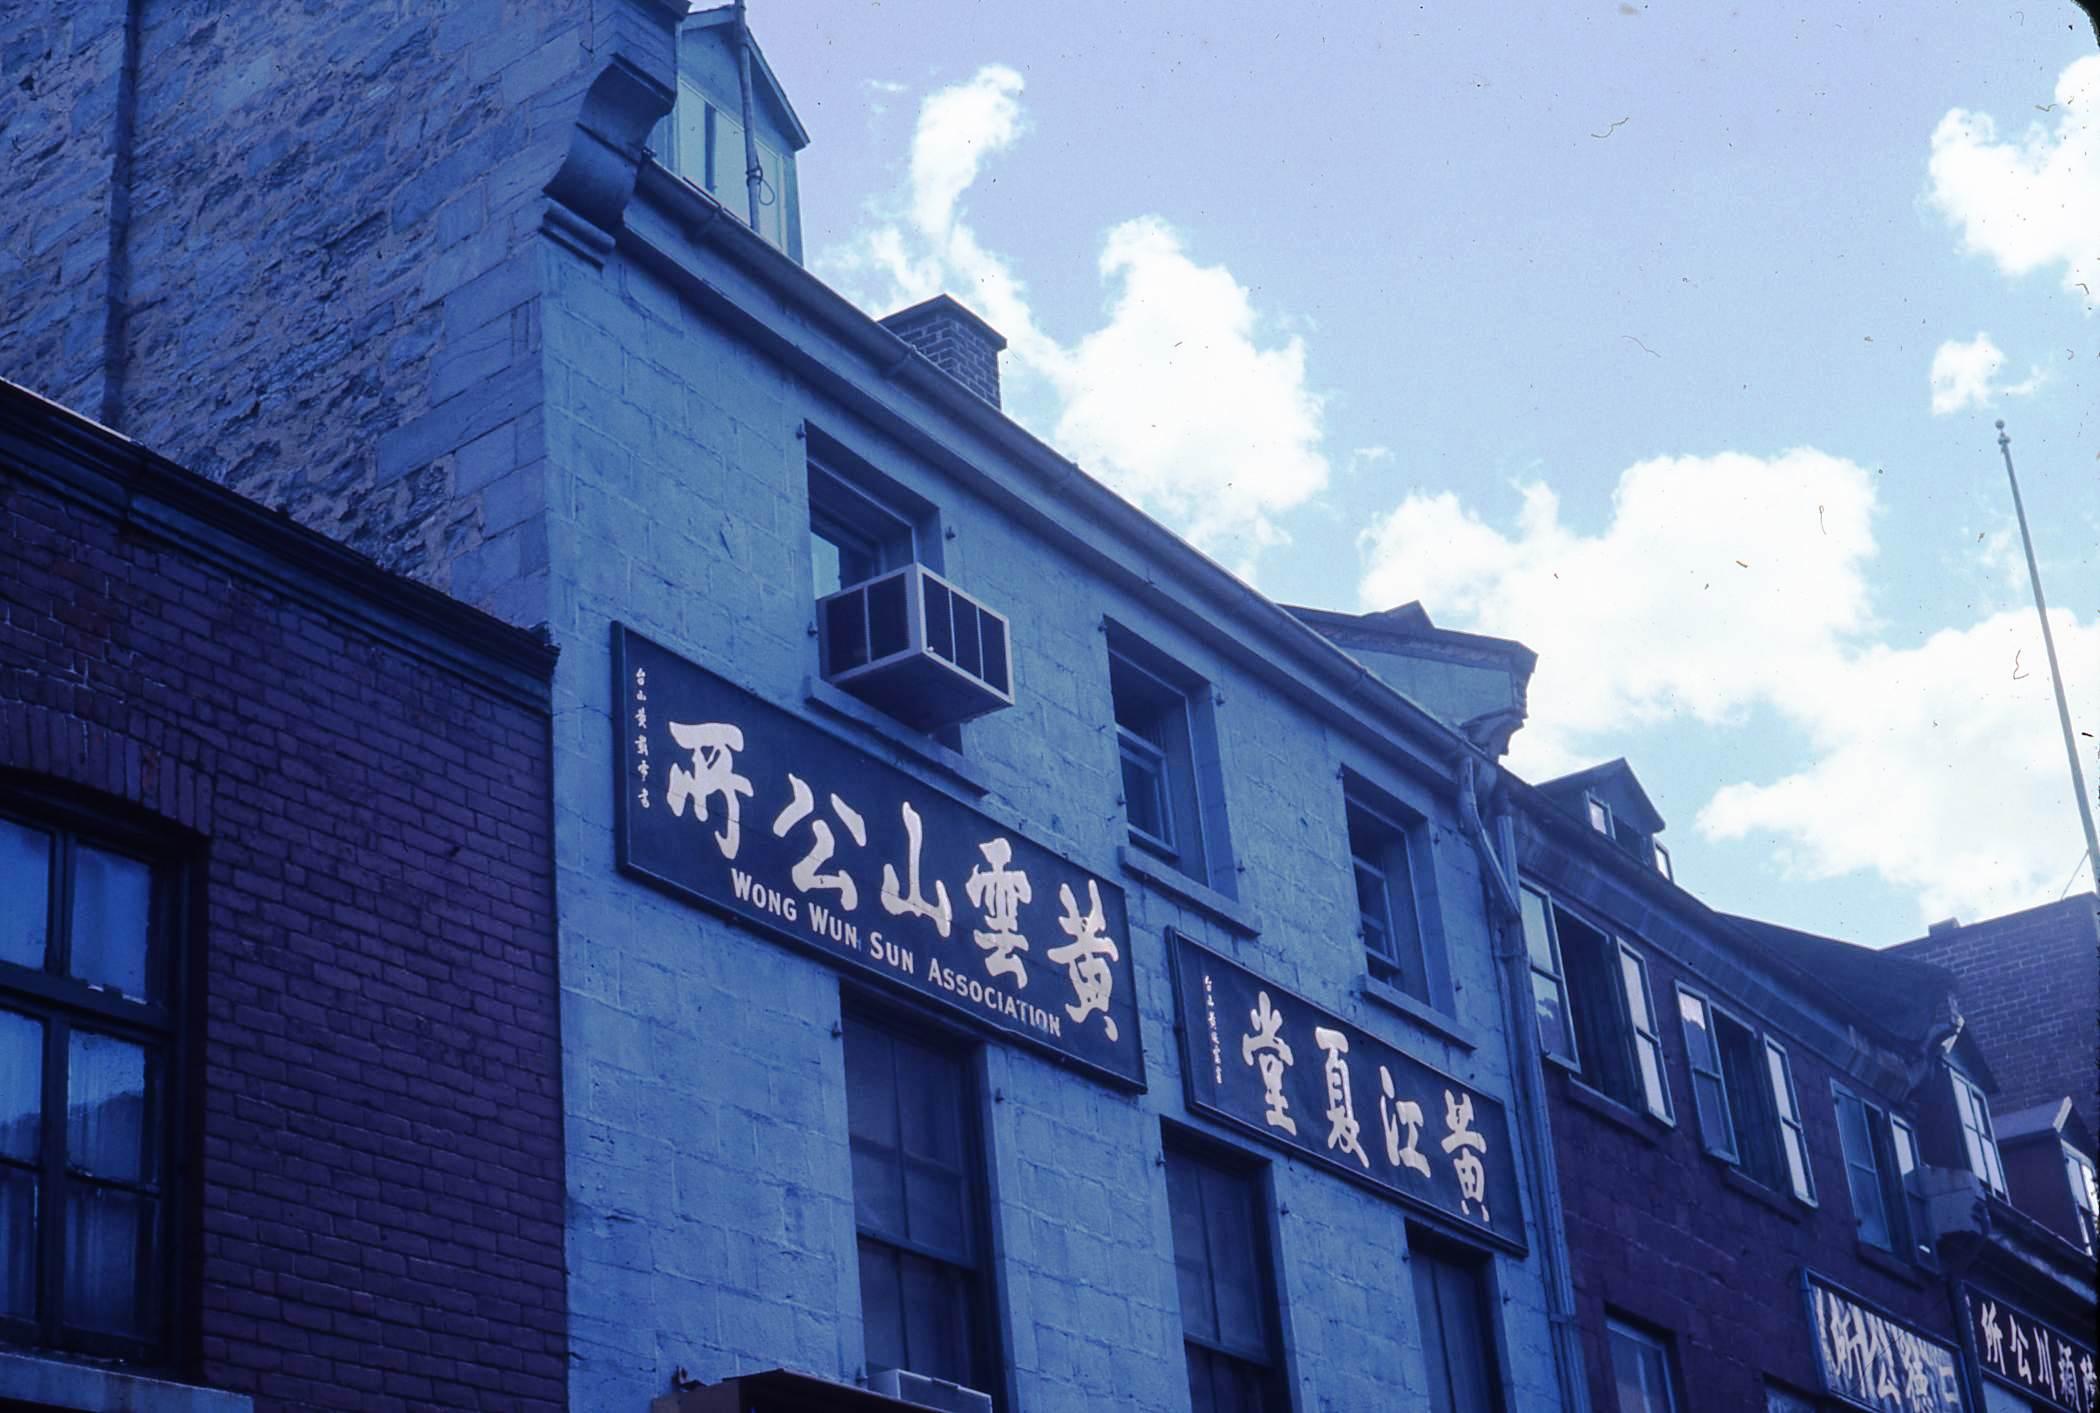 Gros plan sur le haut de façades de maisons du Quartier chinois. Sur celle du centre, deux enseignes en chinois, dont une sur laquelle on peut aussi lire Wong Wun Sun Association.